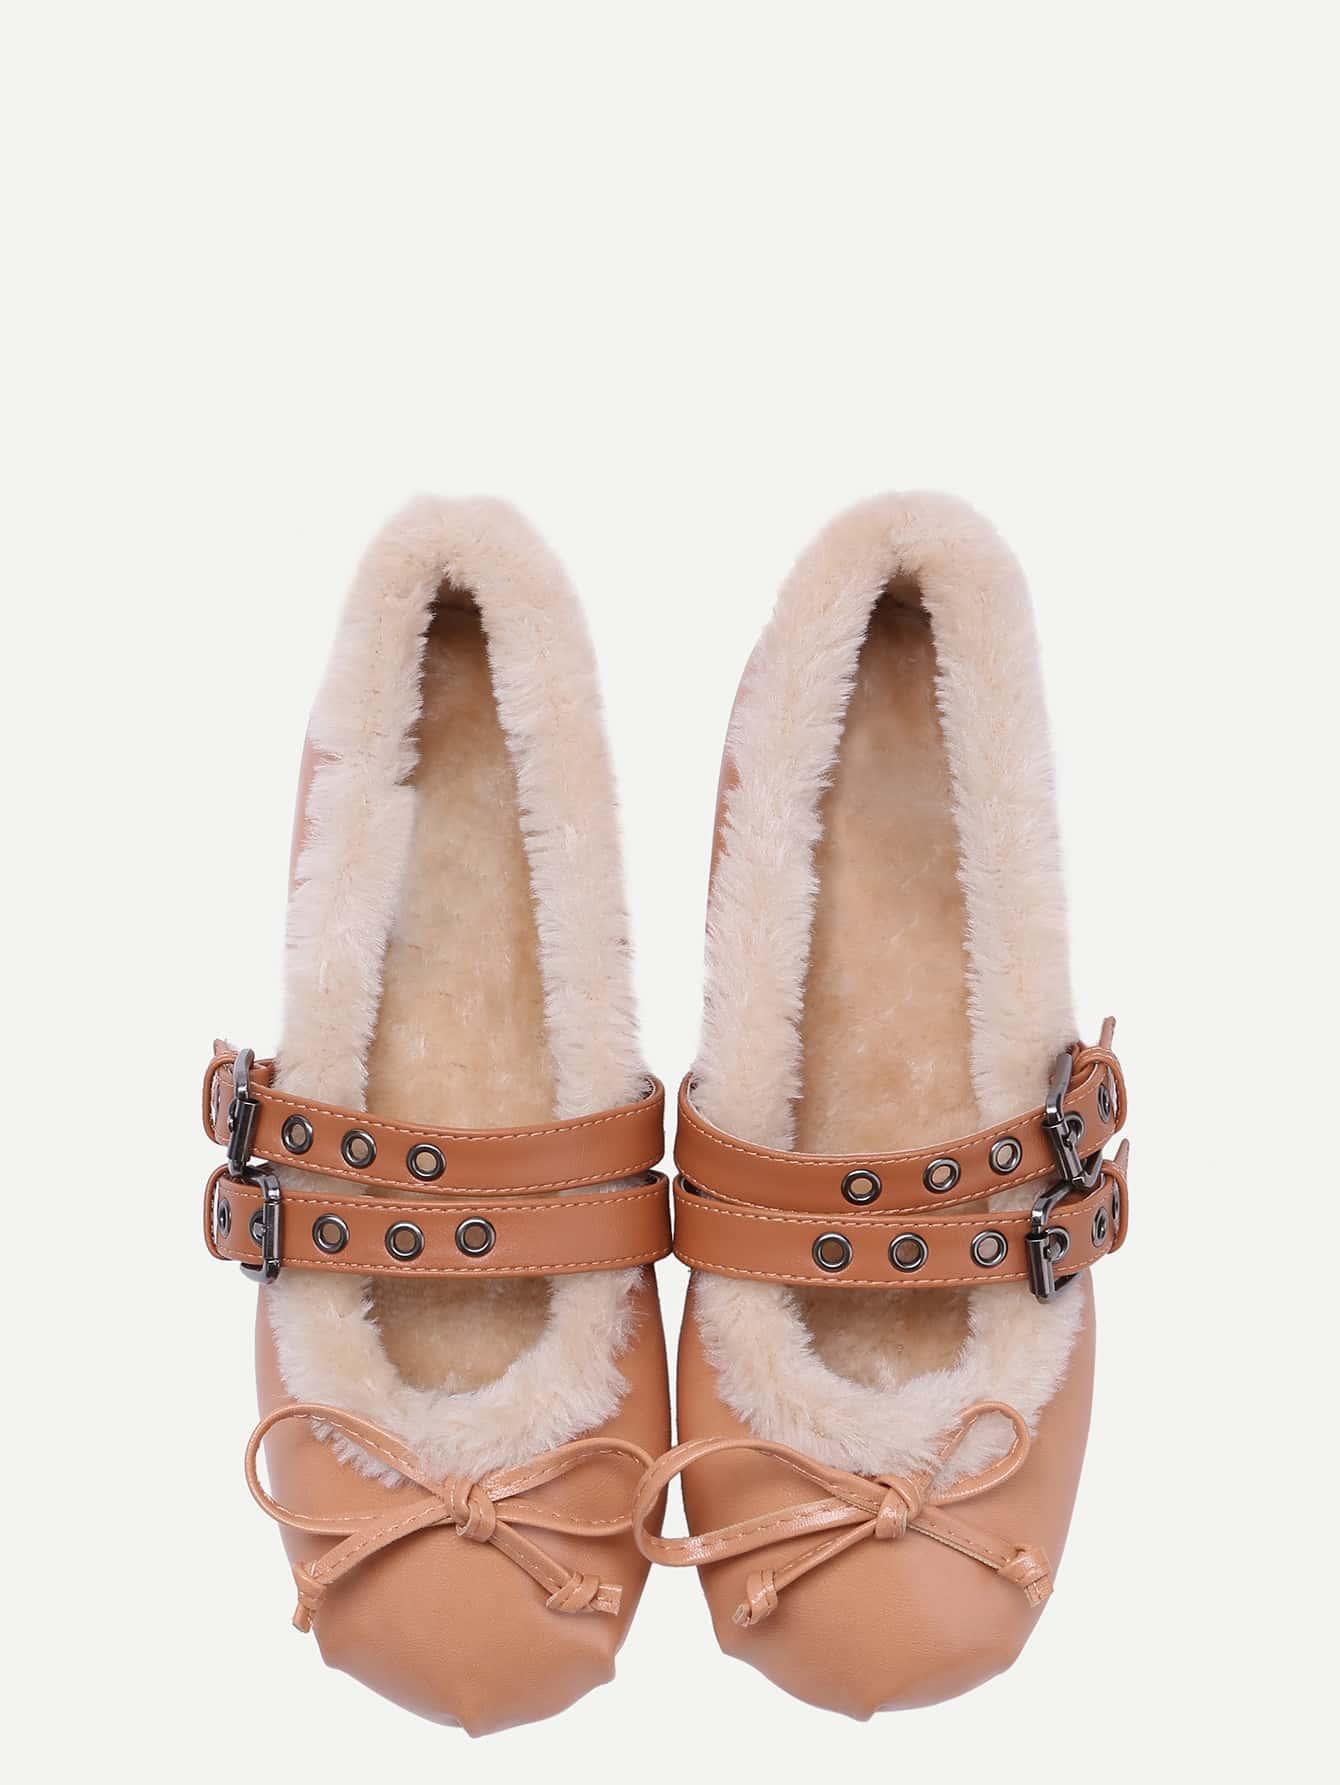 shoes161206803_2